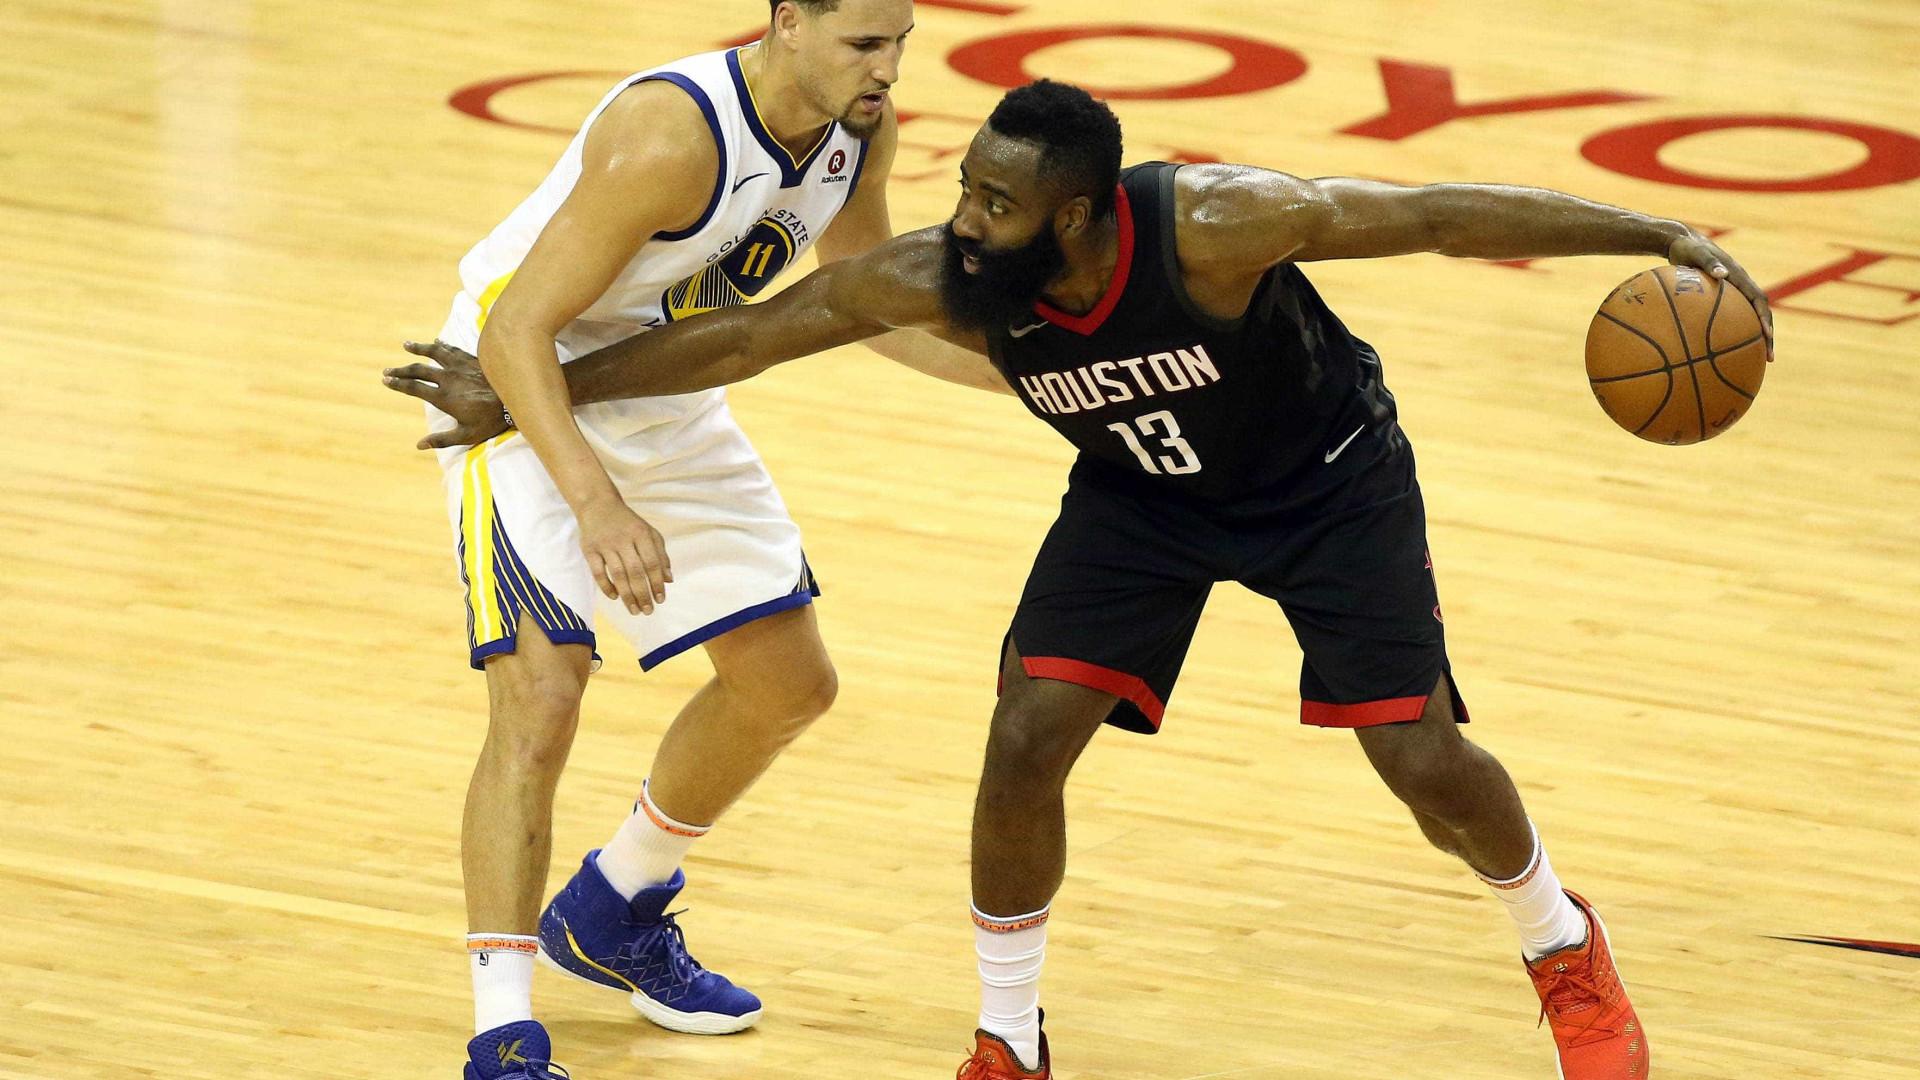 Mesmo com show de Durant, Warriors perdem para o Houston Rockets